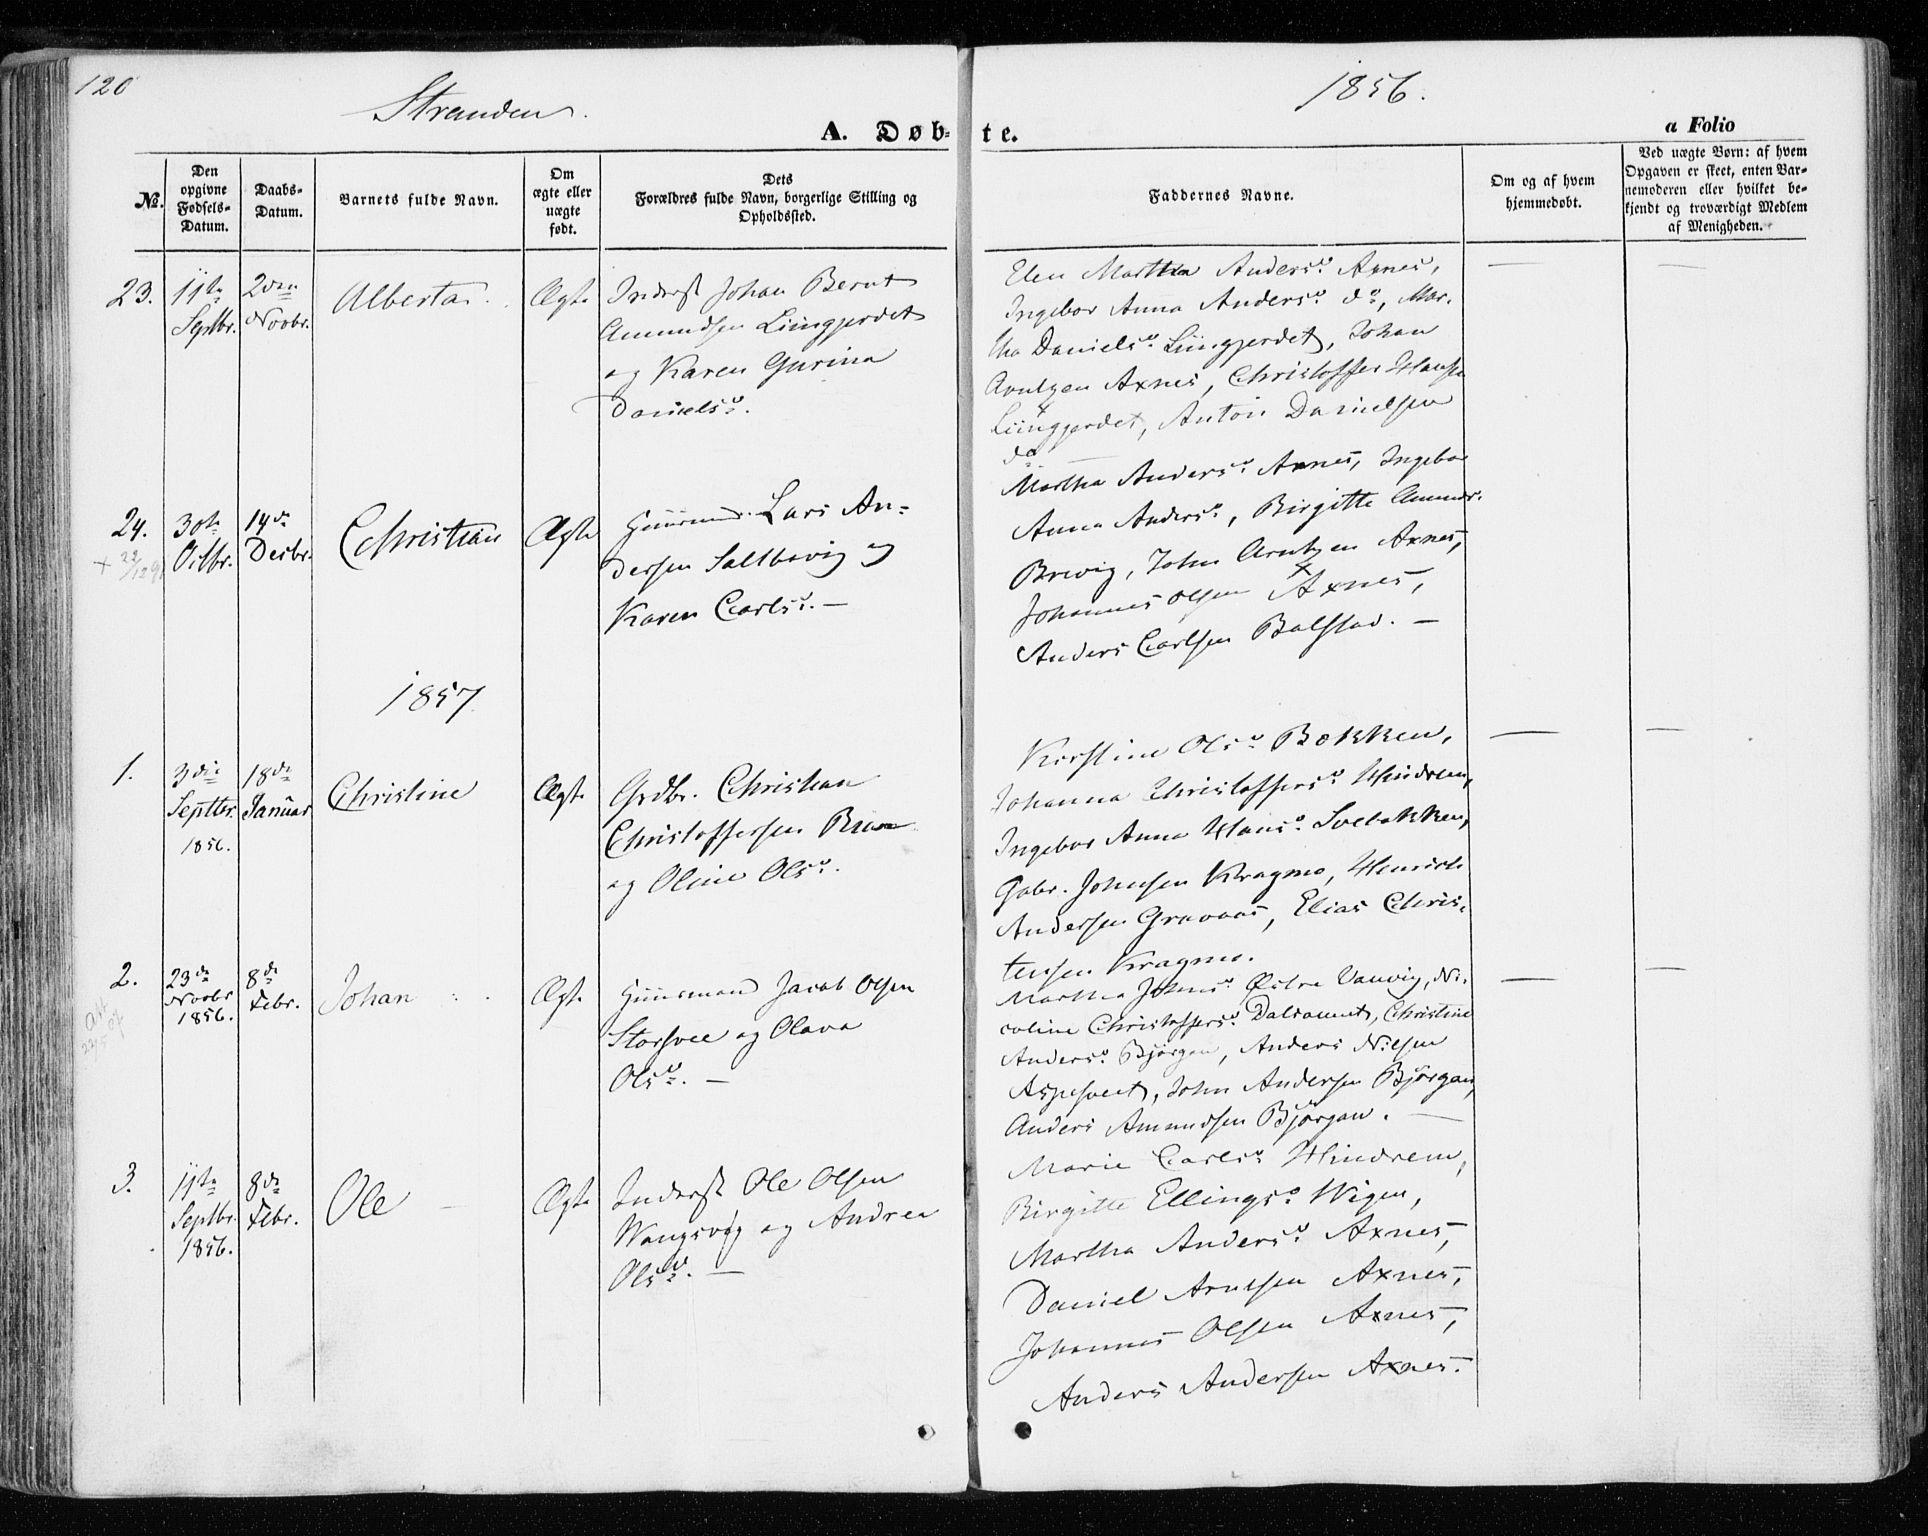 SAT, Ministerialprotokoller, klokkerbøker og fødselsregistre - Nord-Trøndelag, 701/L0008: Ministerialbok nr. 701A08 /2, 1854-1863, s. 120